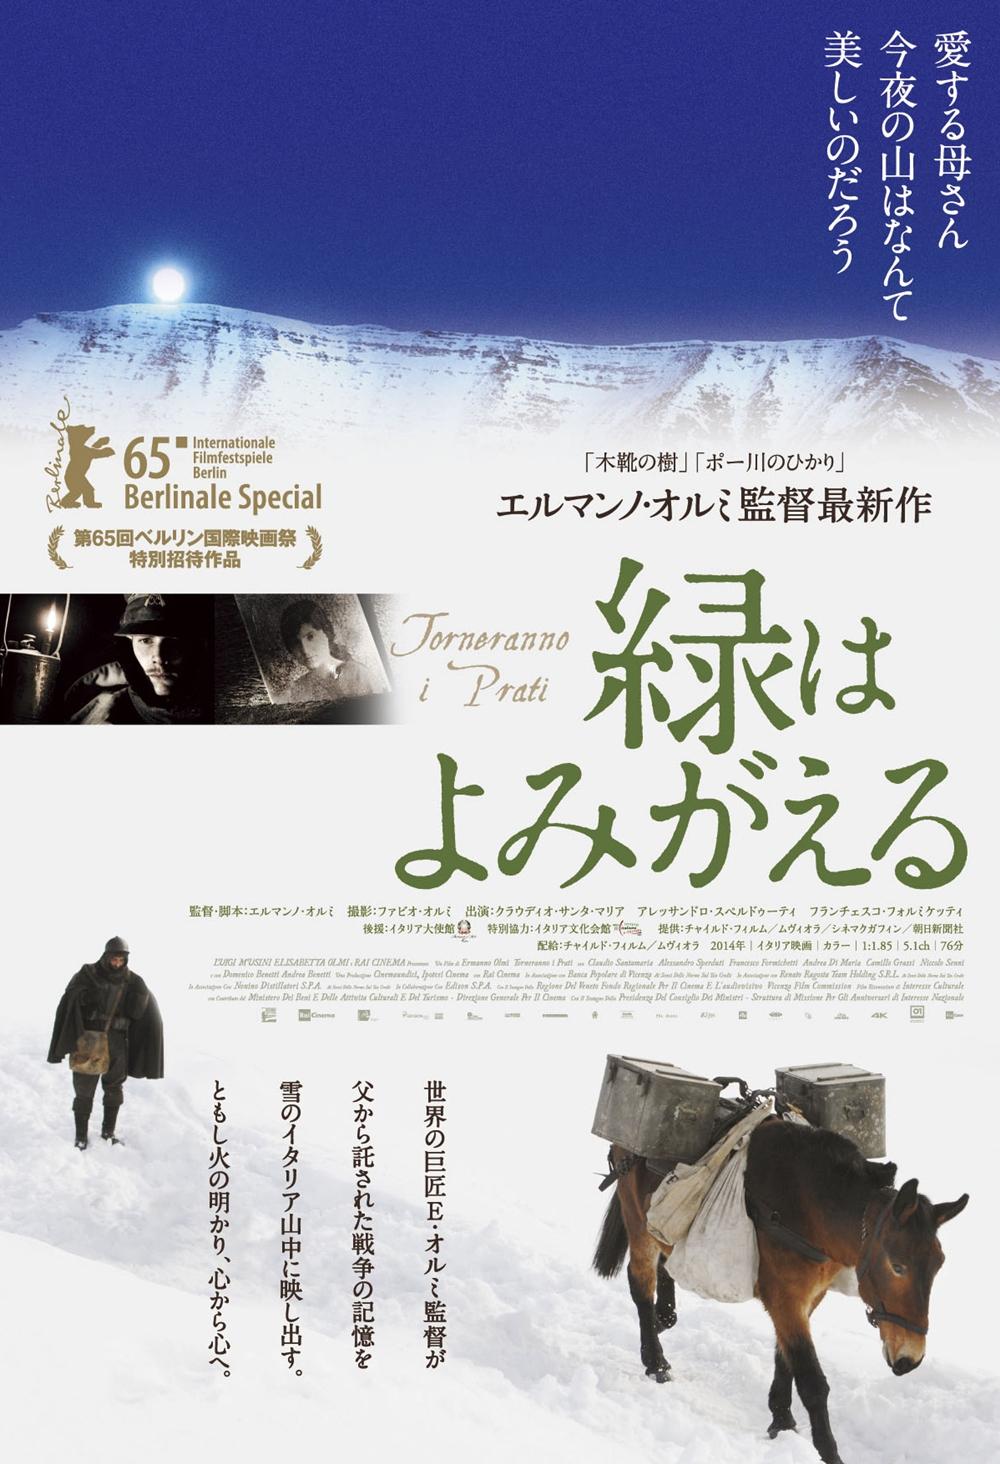 【画像】映画『緑はよみがえる』ポスタービジュアル